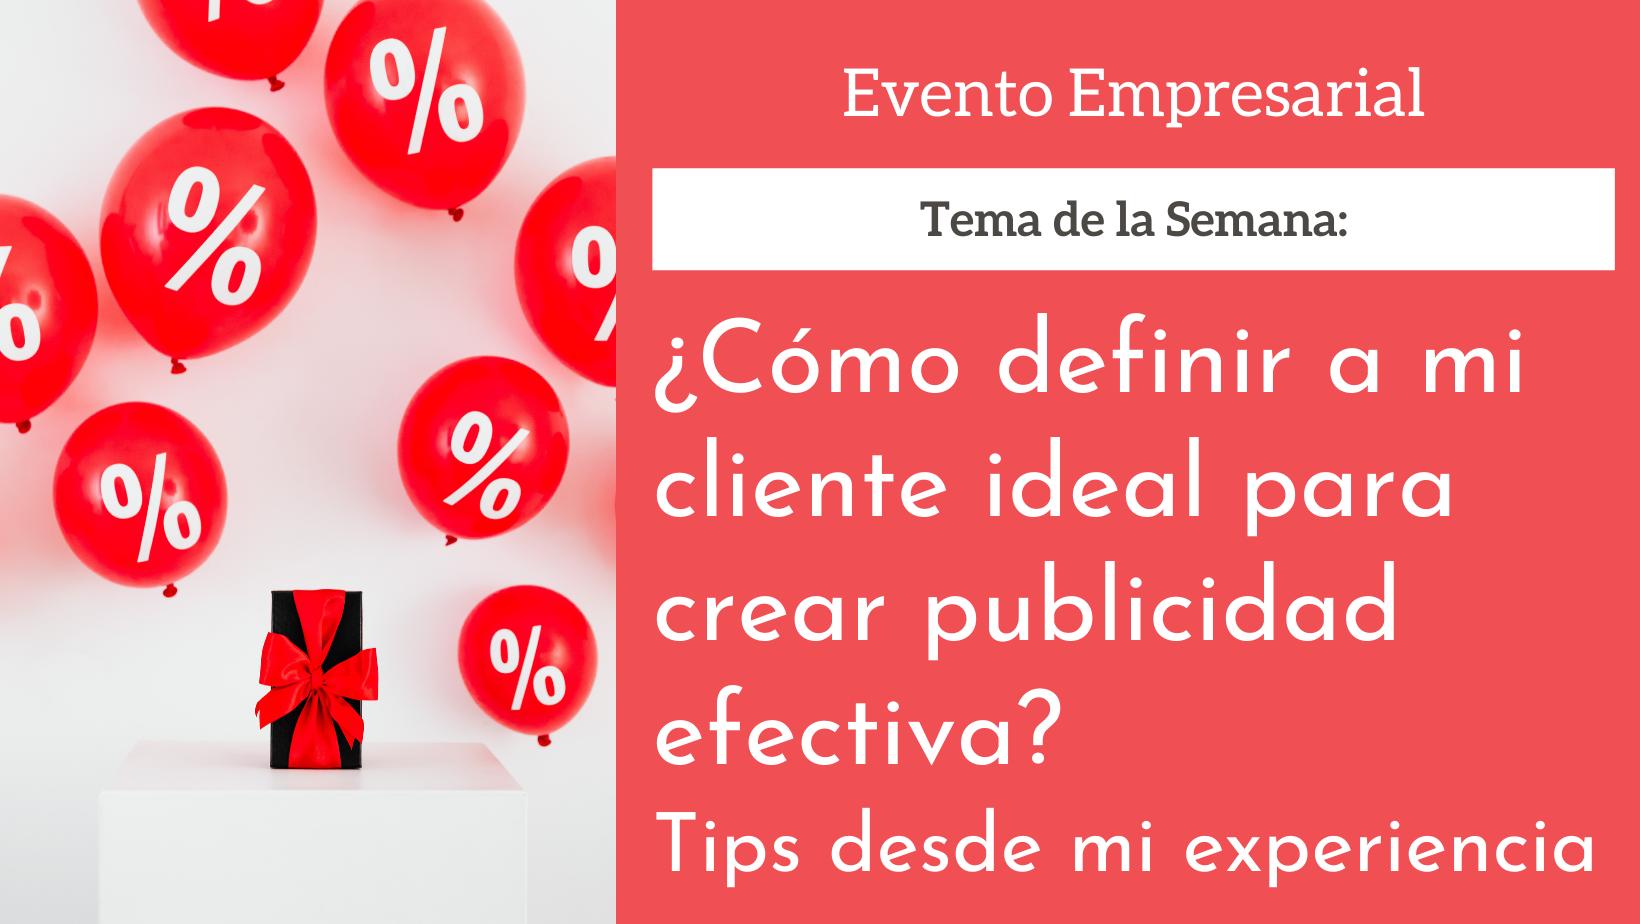 677a5-definir-cliente-ideal-publicidad-efectiva.png